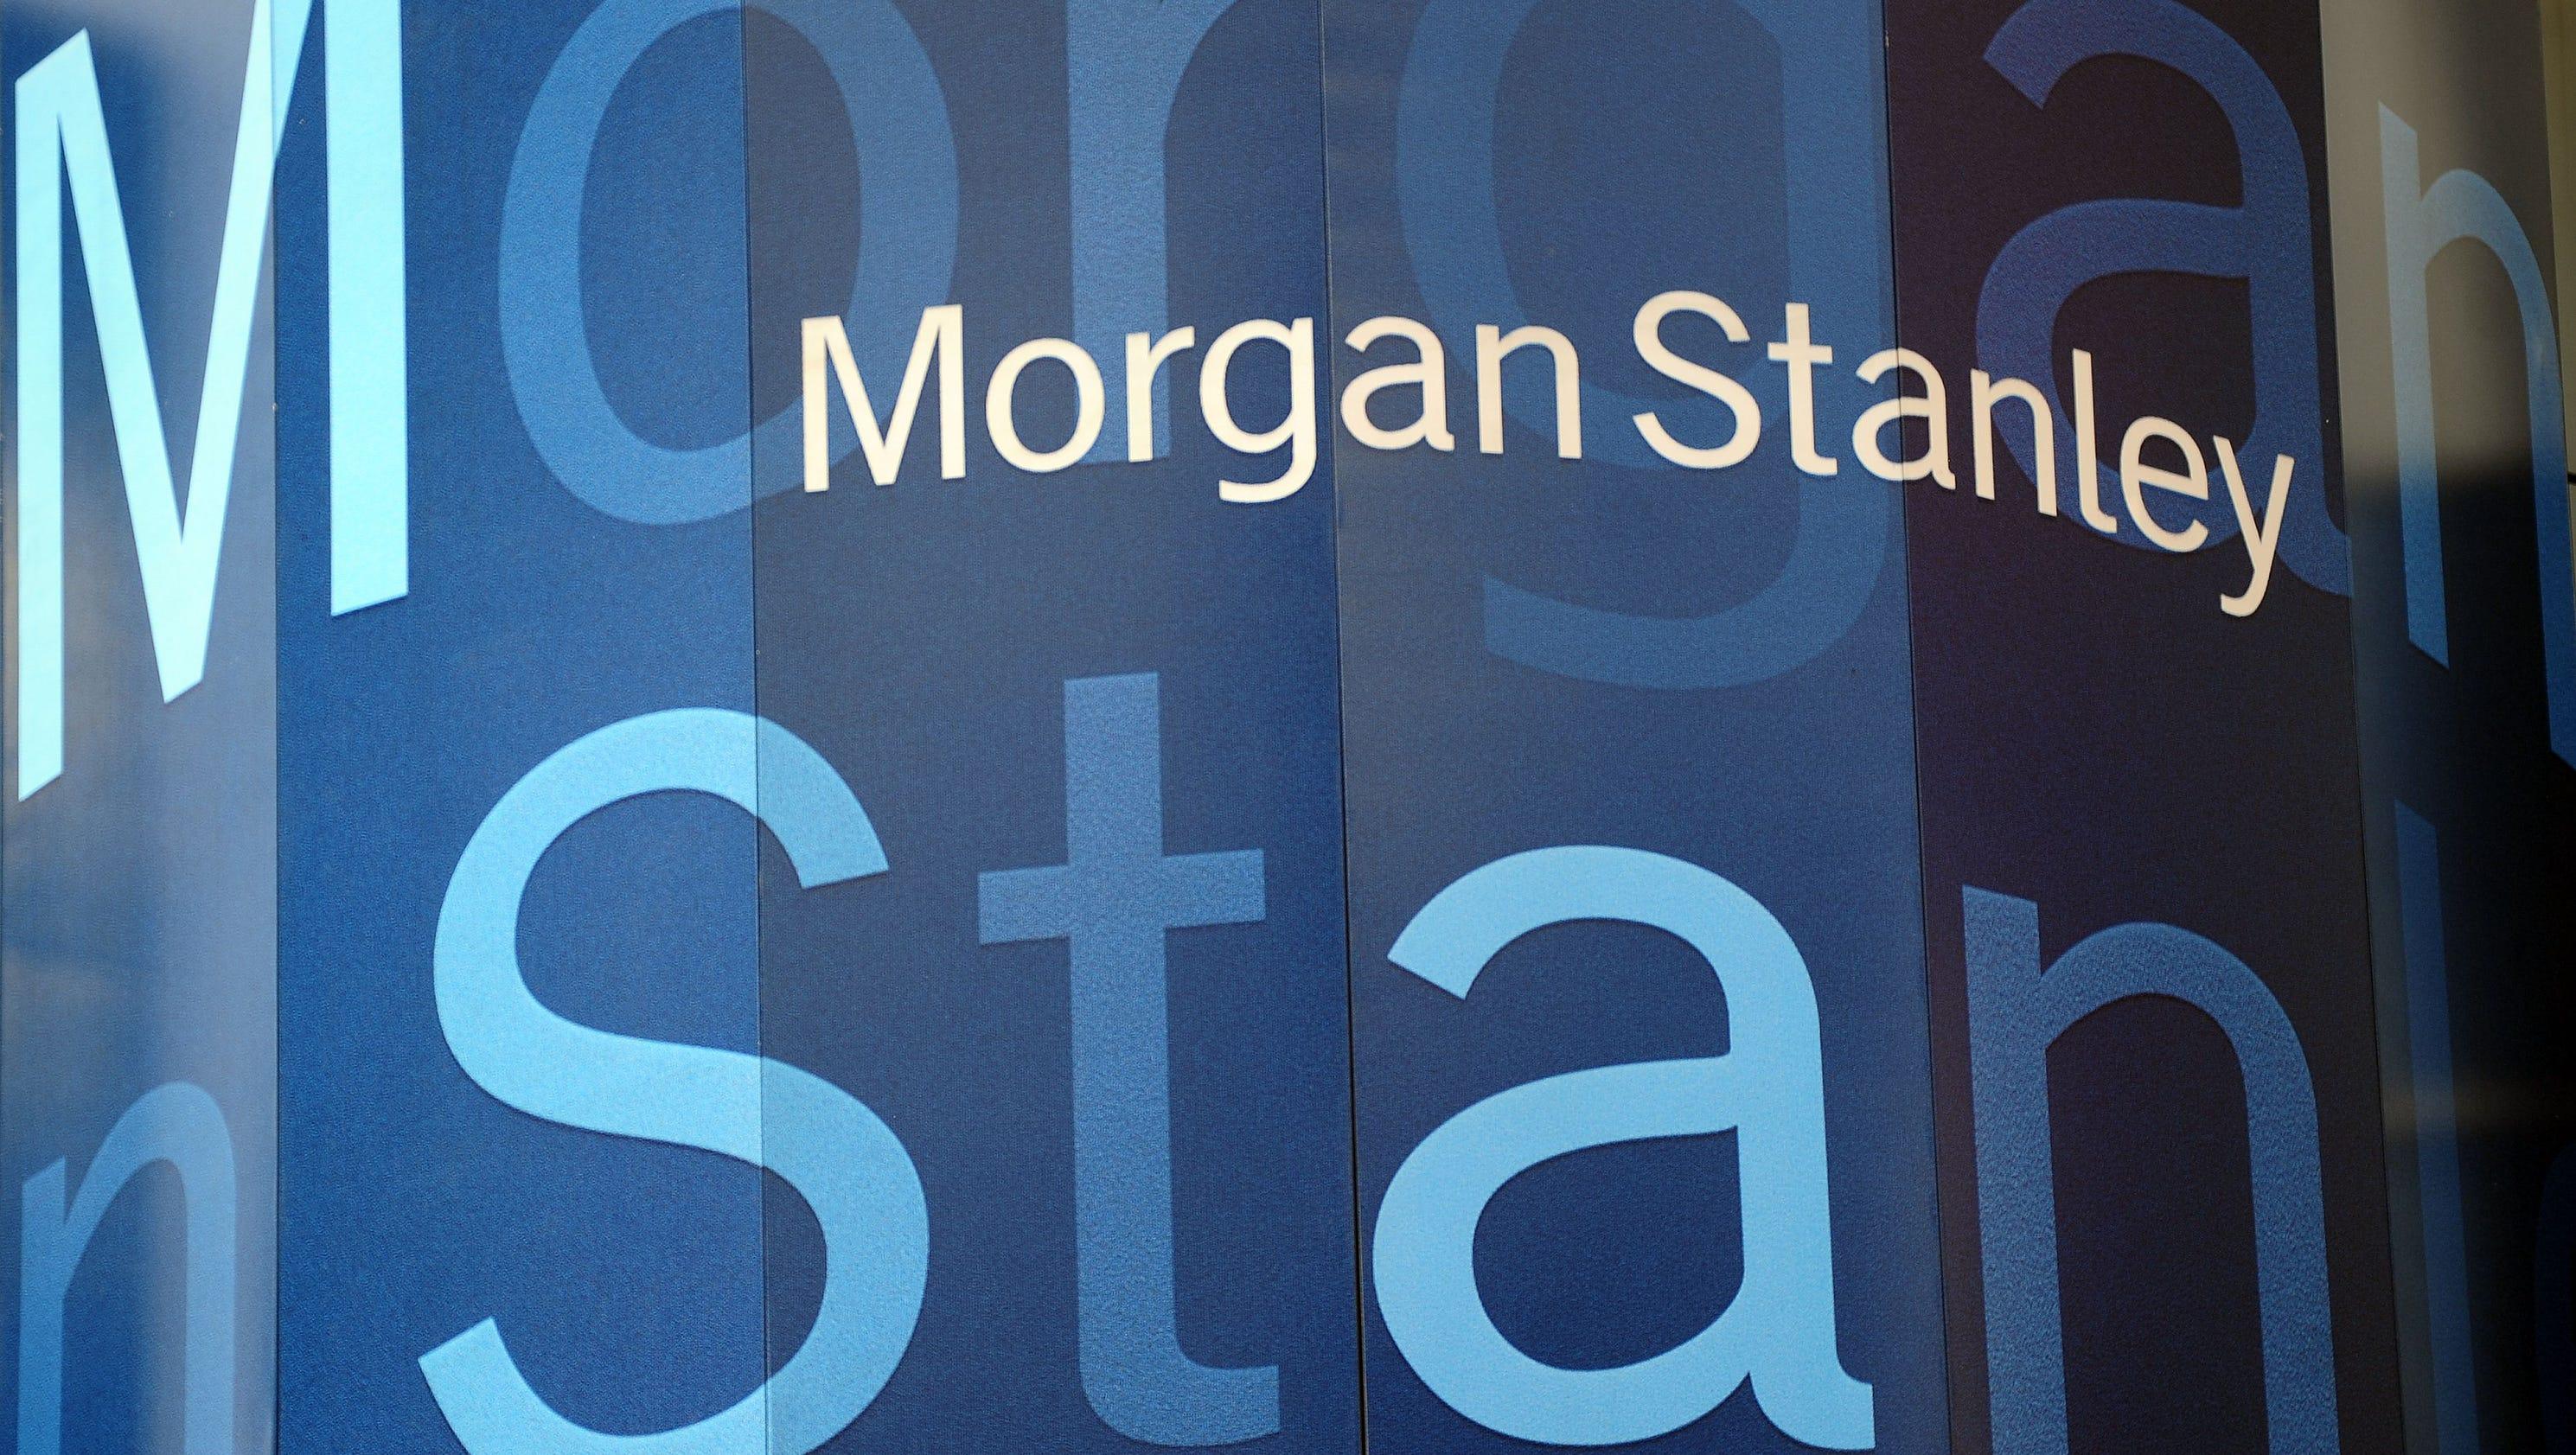 Morgan Stanley Shares Slide 5 On Earnings Miss